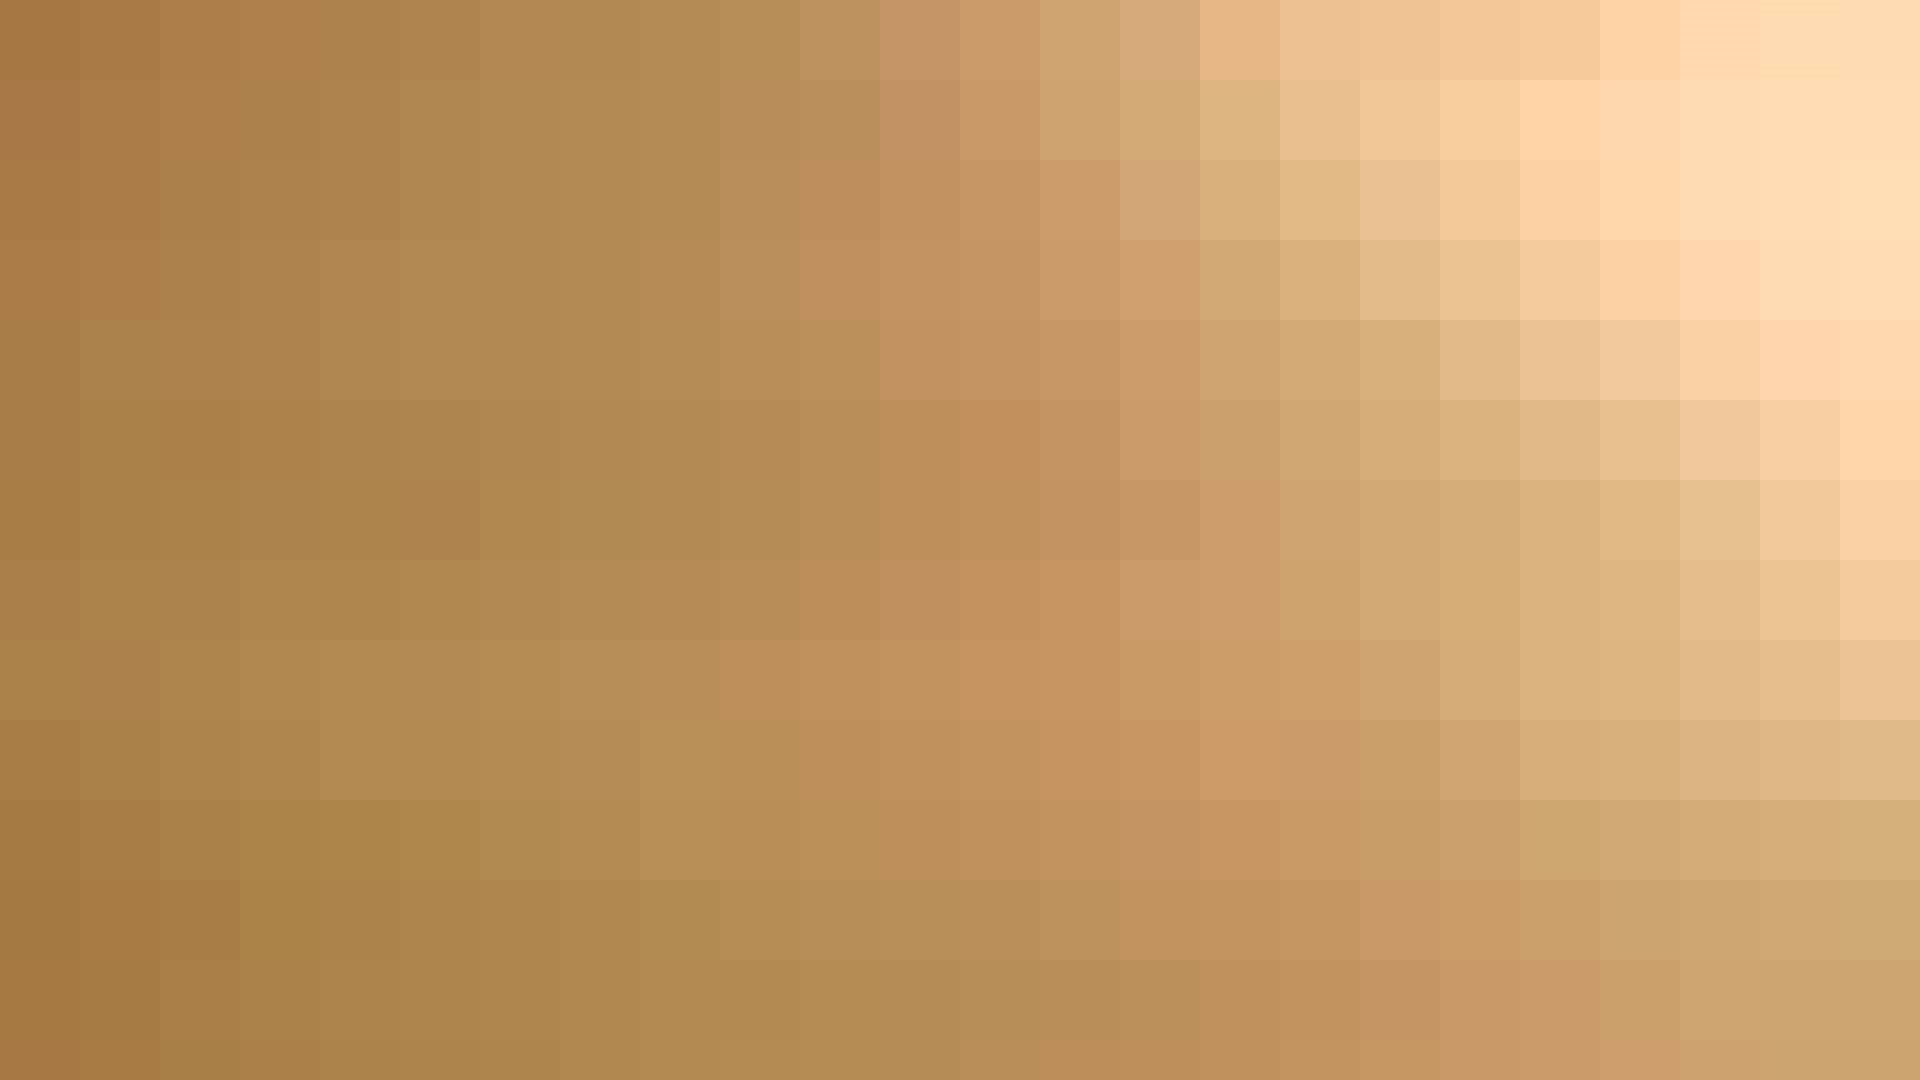 世界の射窓から vol.32 OL女体 | 洗面所  95連発 89